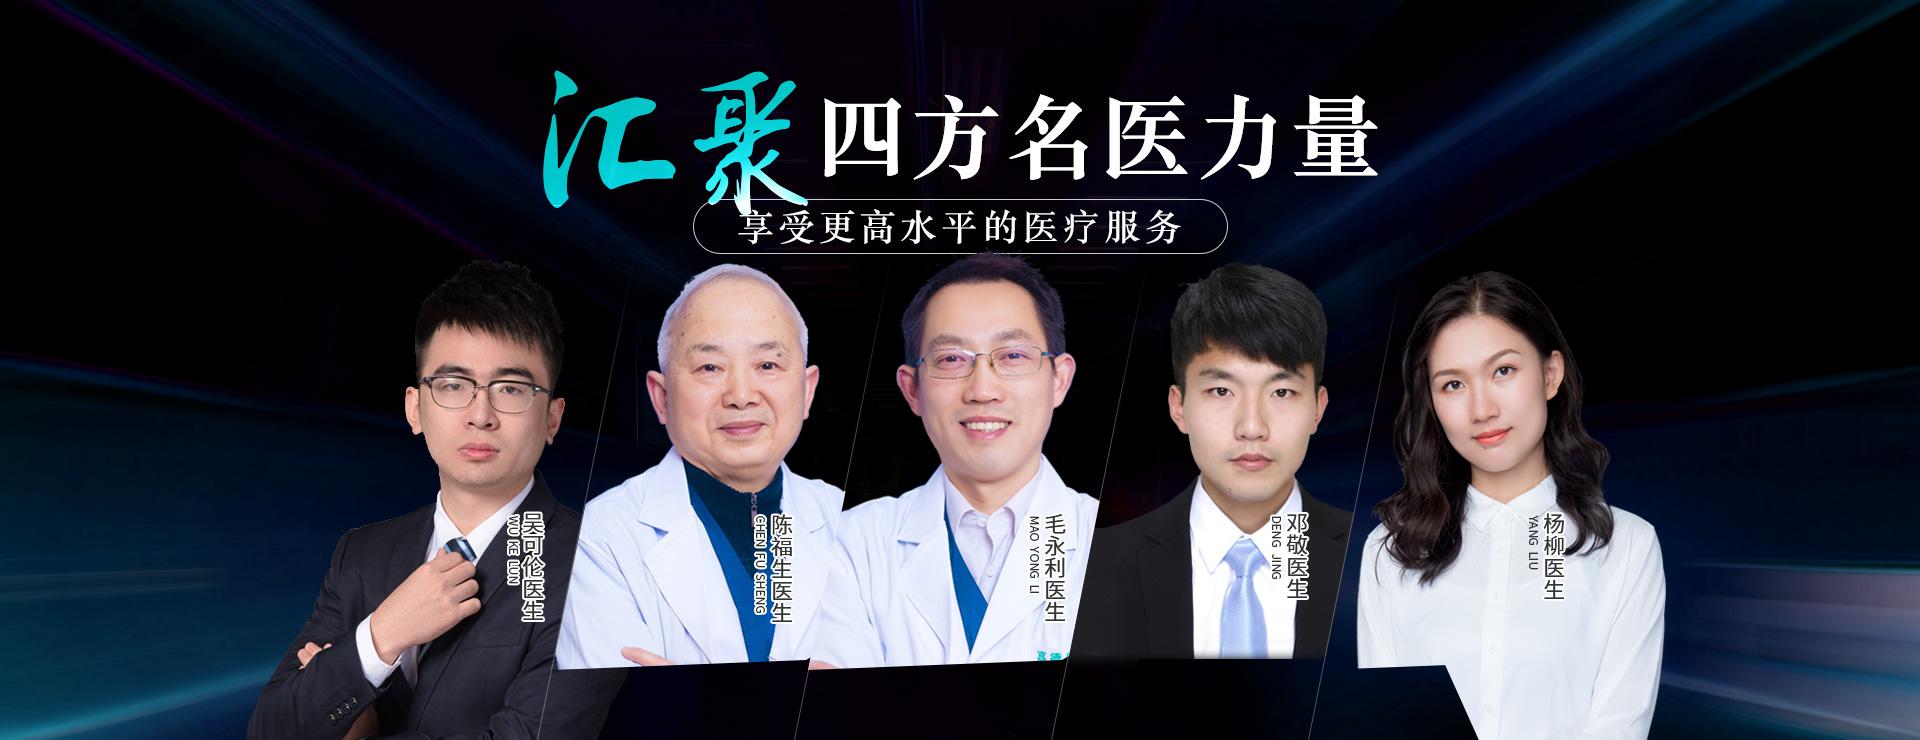 高德口腔,汇聚四方名医力量,享受更高水平的医疗服务